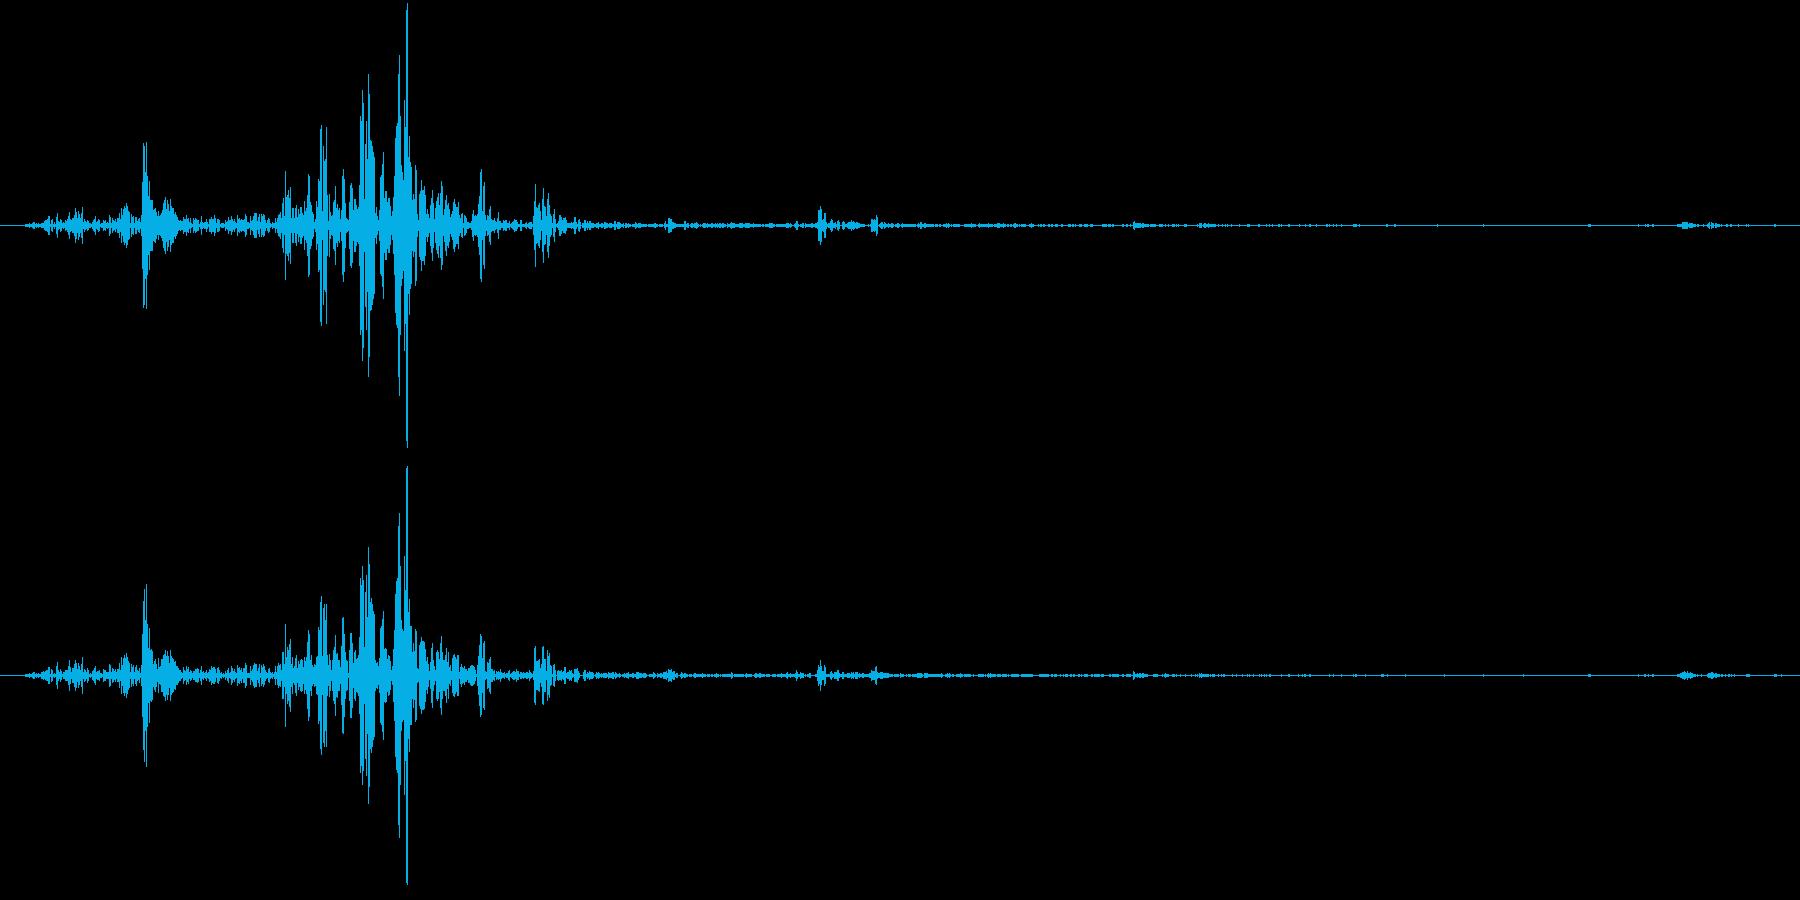 Tap ベチャッとした質感のタップ音 1の再生済みの波形